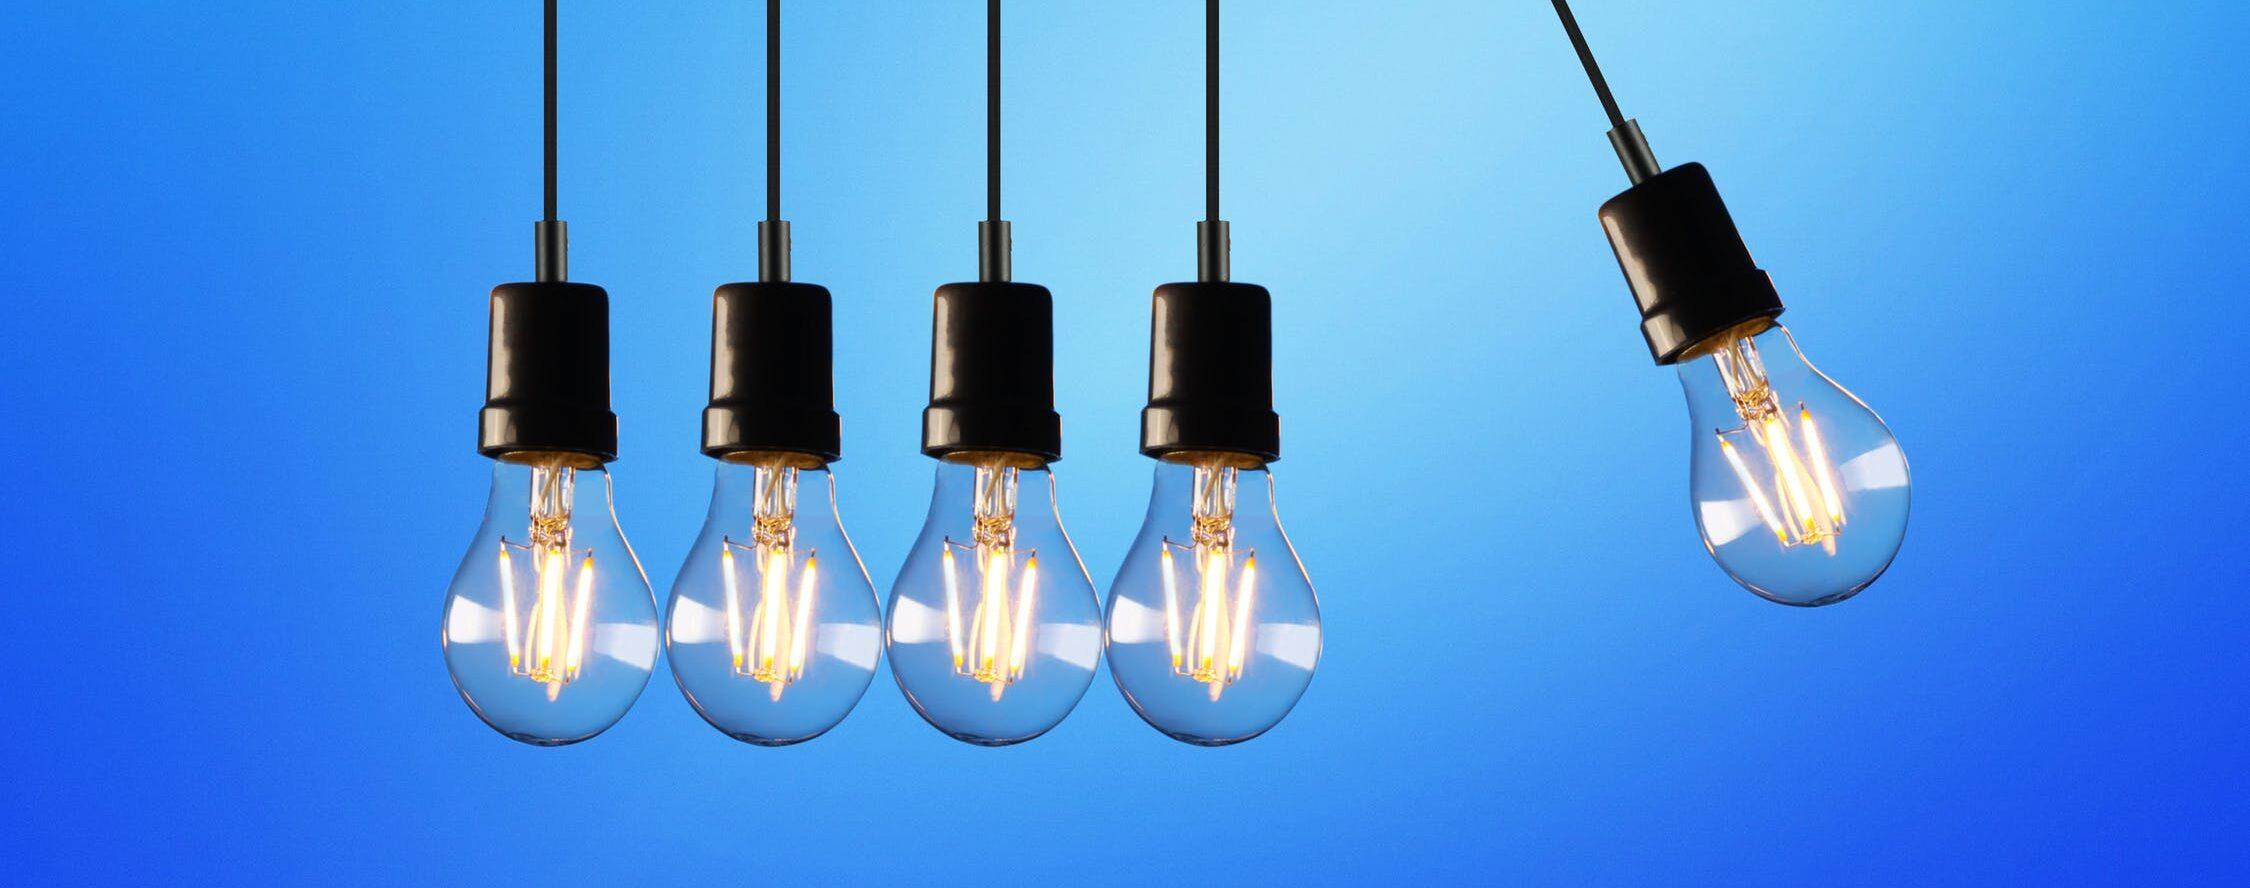 """Featured image for """"Approvata la riduzione delle utenze elettriche richiesta da CNA"""""""